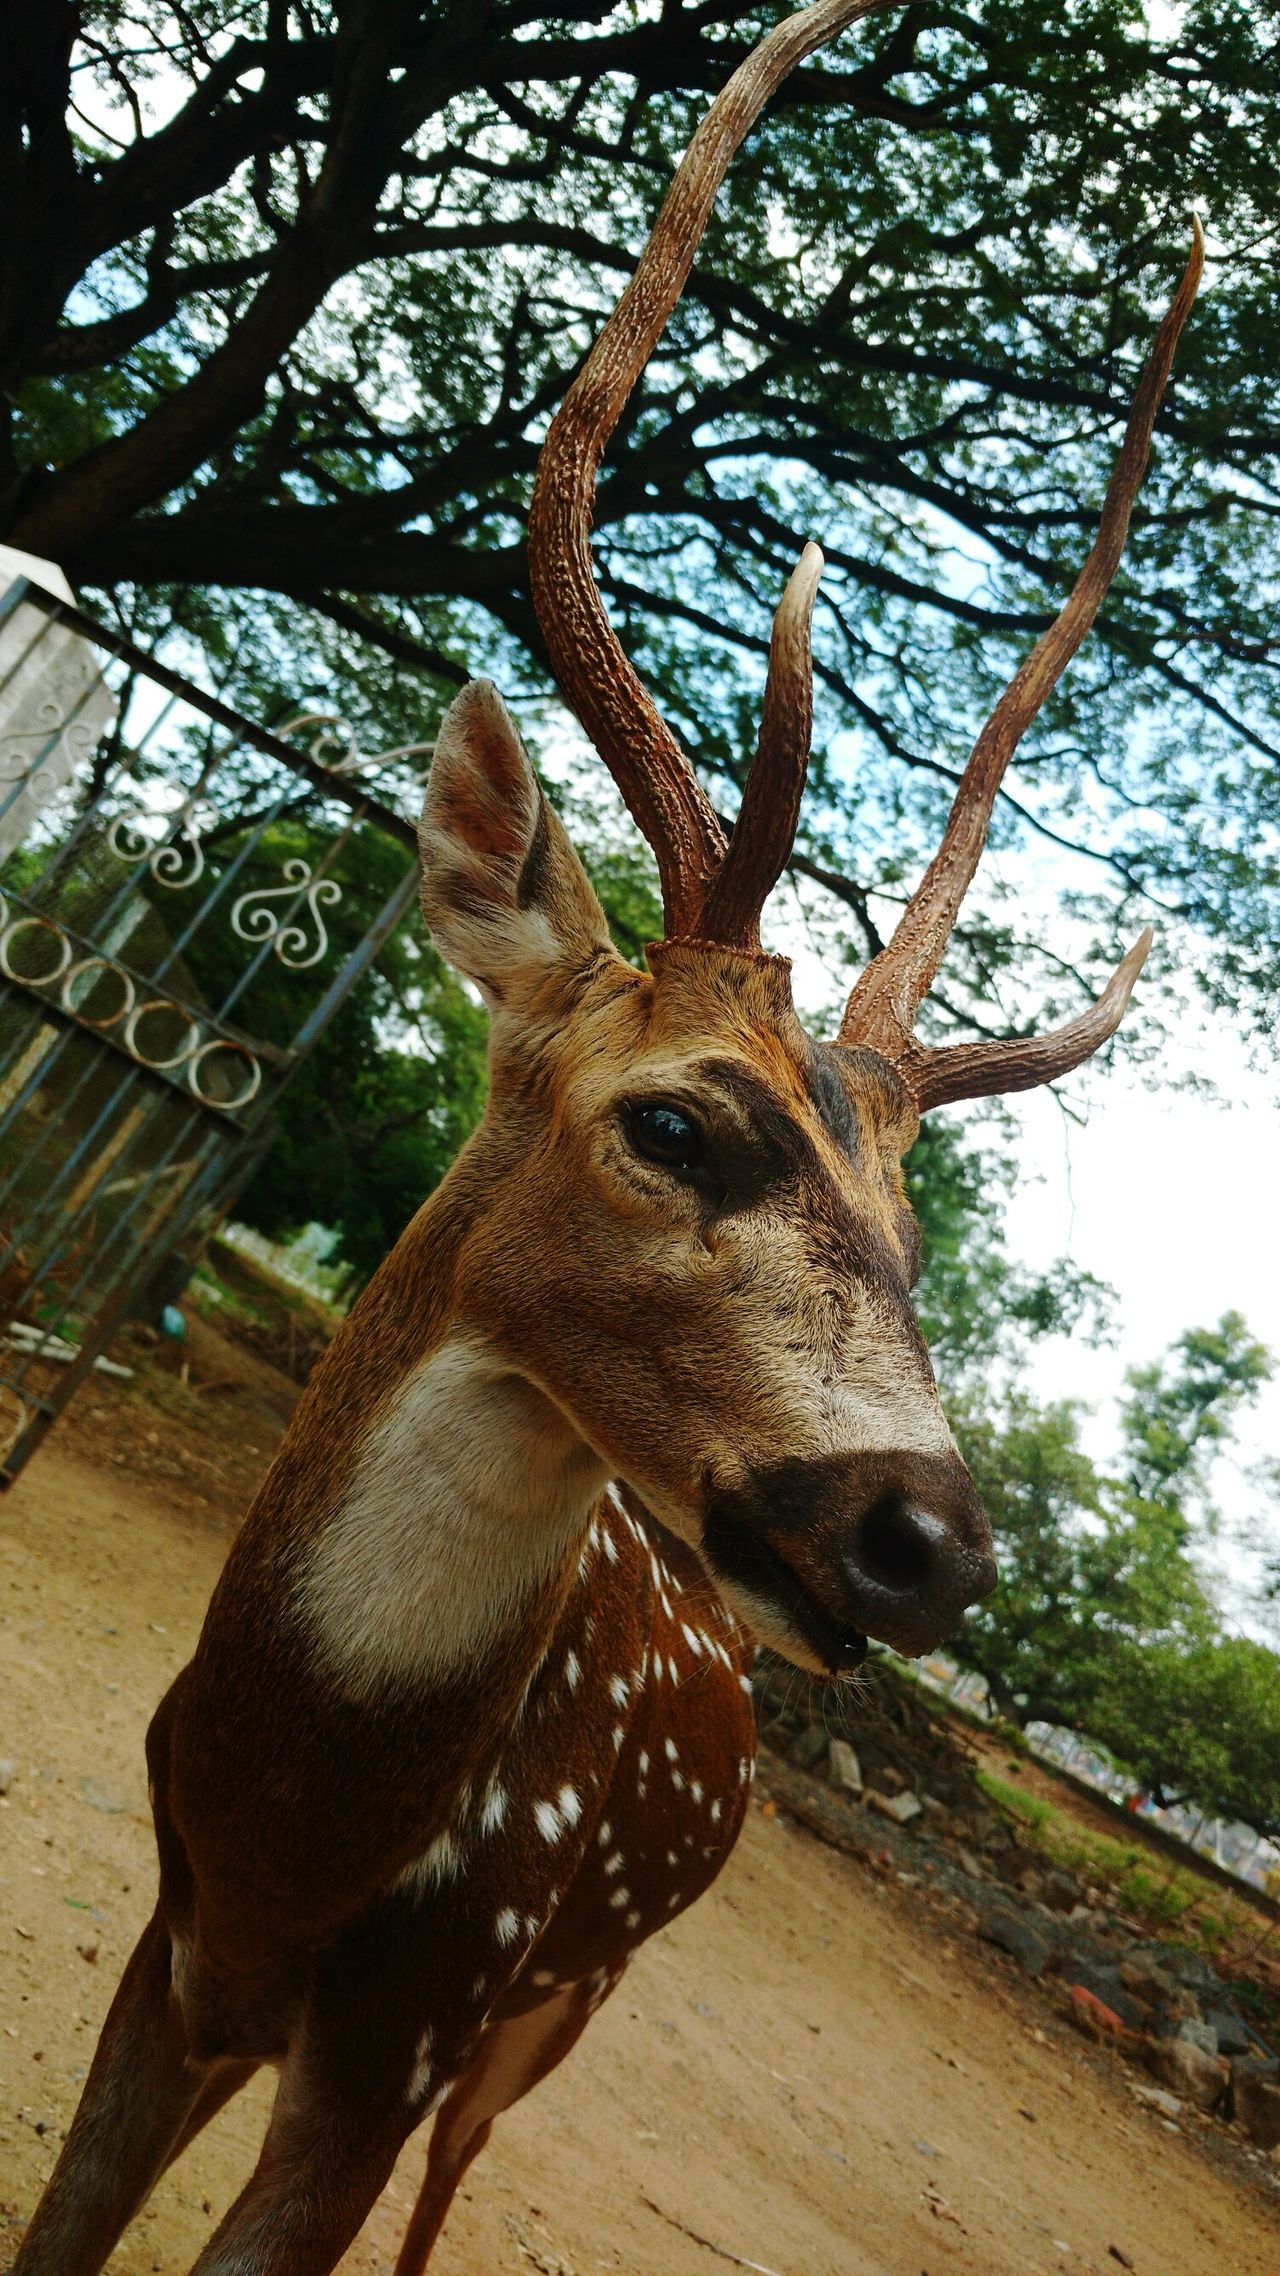 Deer Chital Deer Deer ♥♥ Deer Horns Deer Of India Deer Park Deer Head Deer Sighting Deer In My Yard Deers Nature Beauty Peace Deersighting